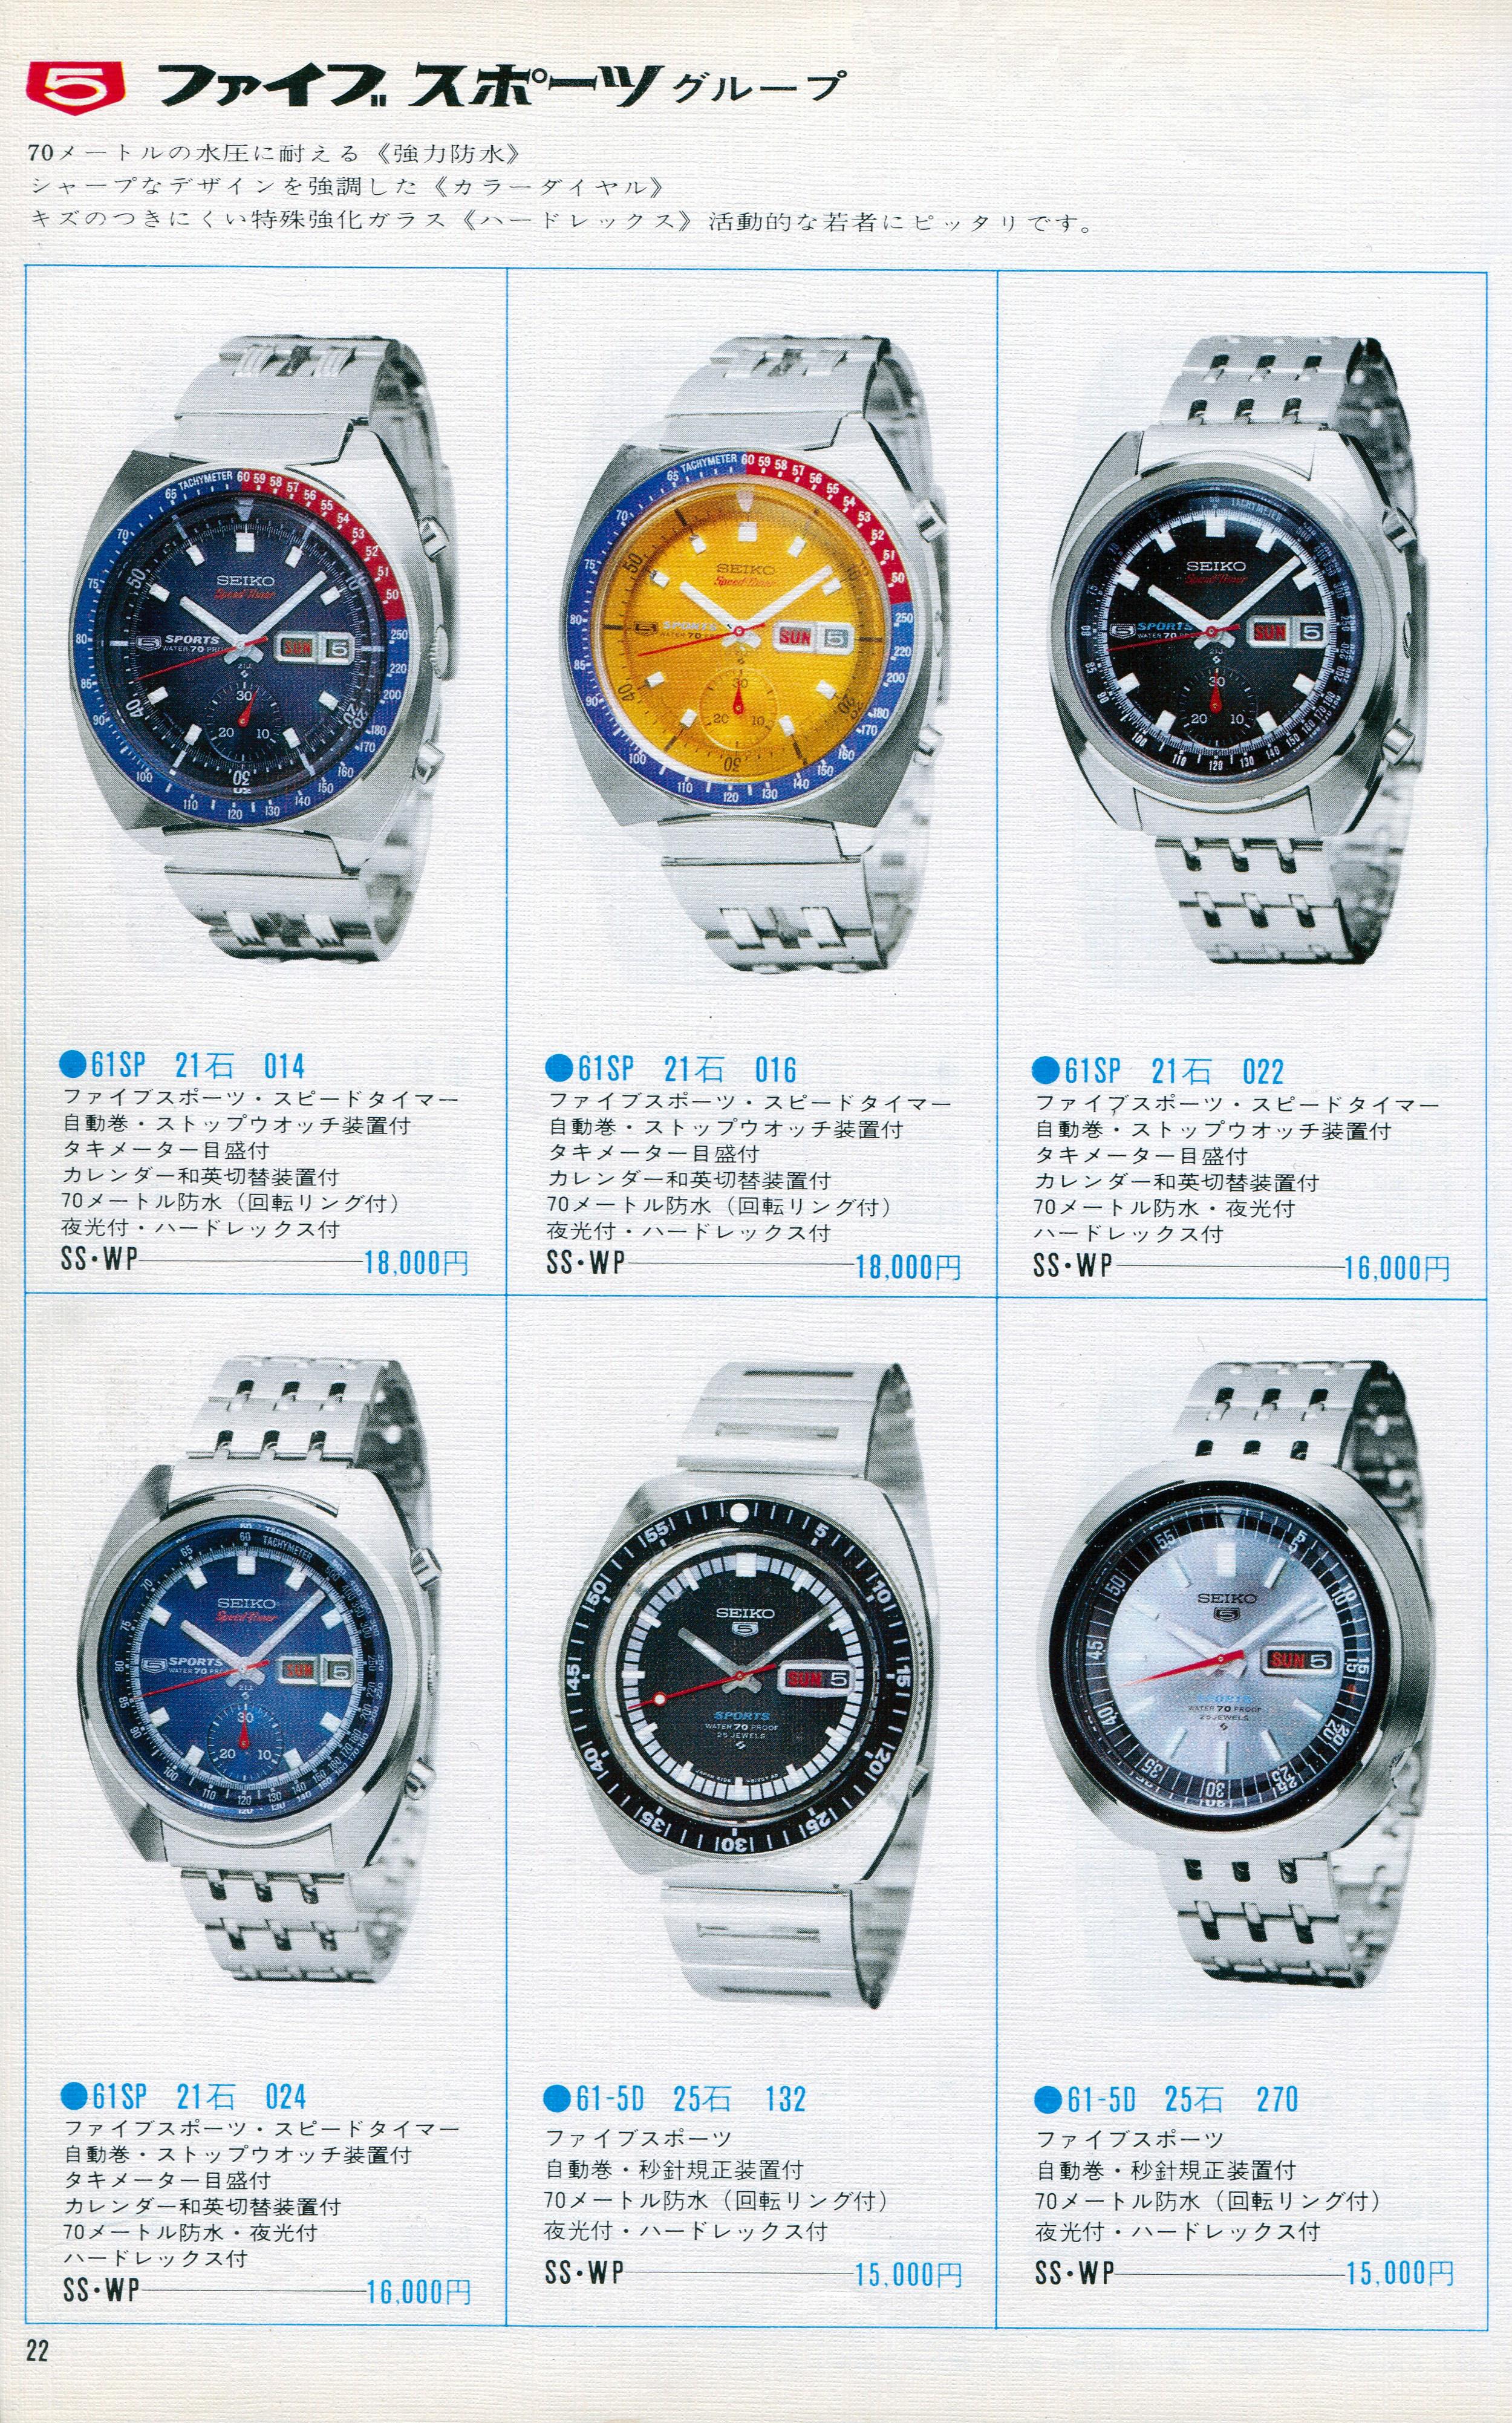 1969 6139 models